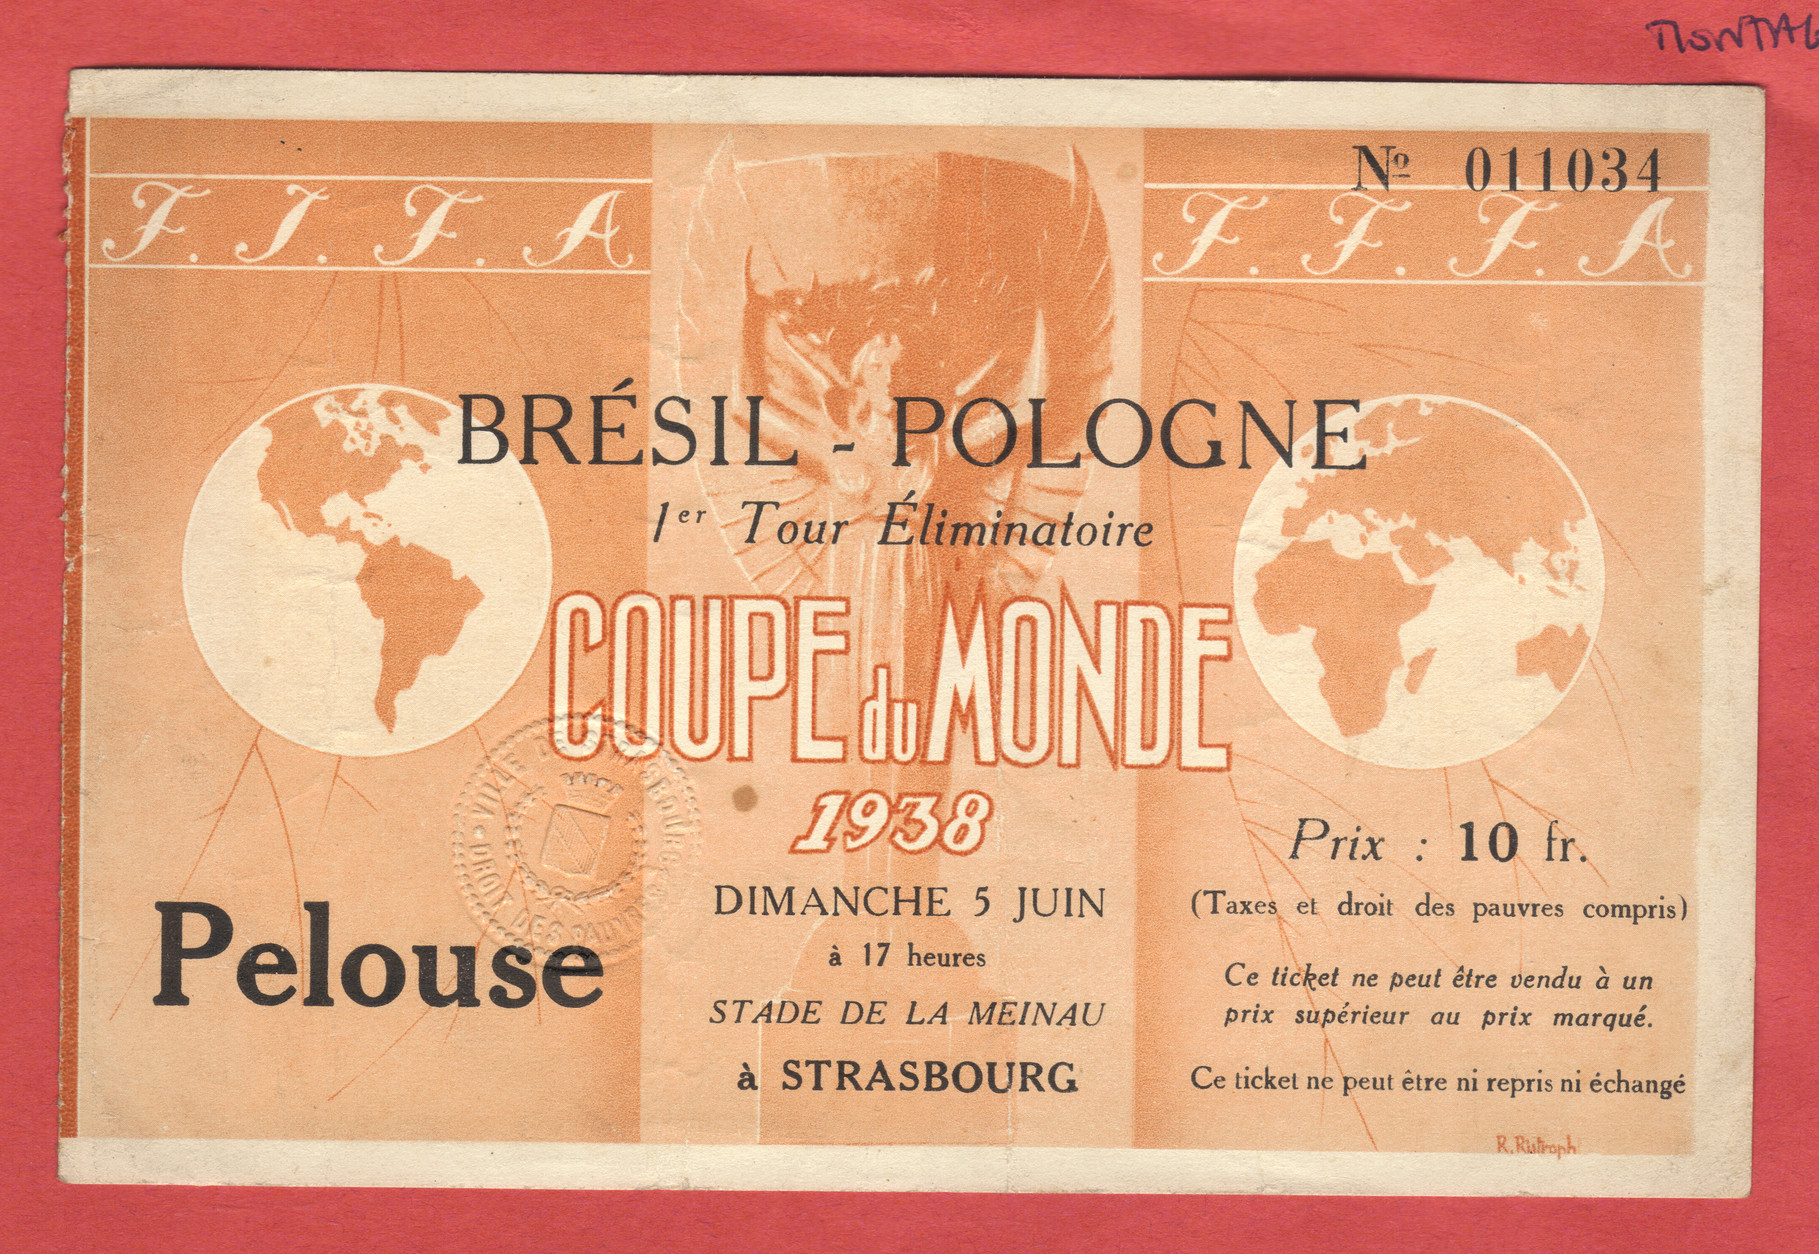 1/8 de Finale Brésil - Pologne (France 1938)